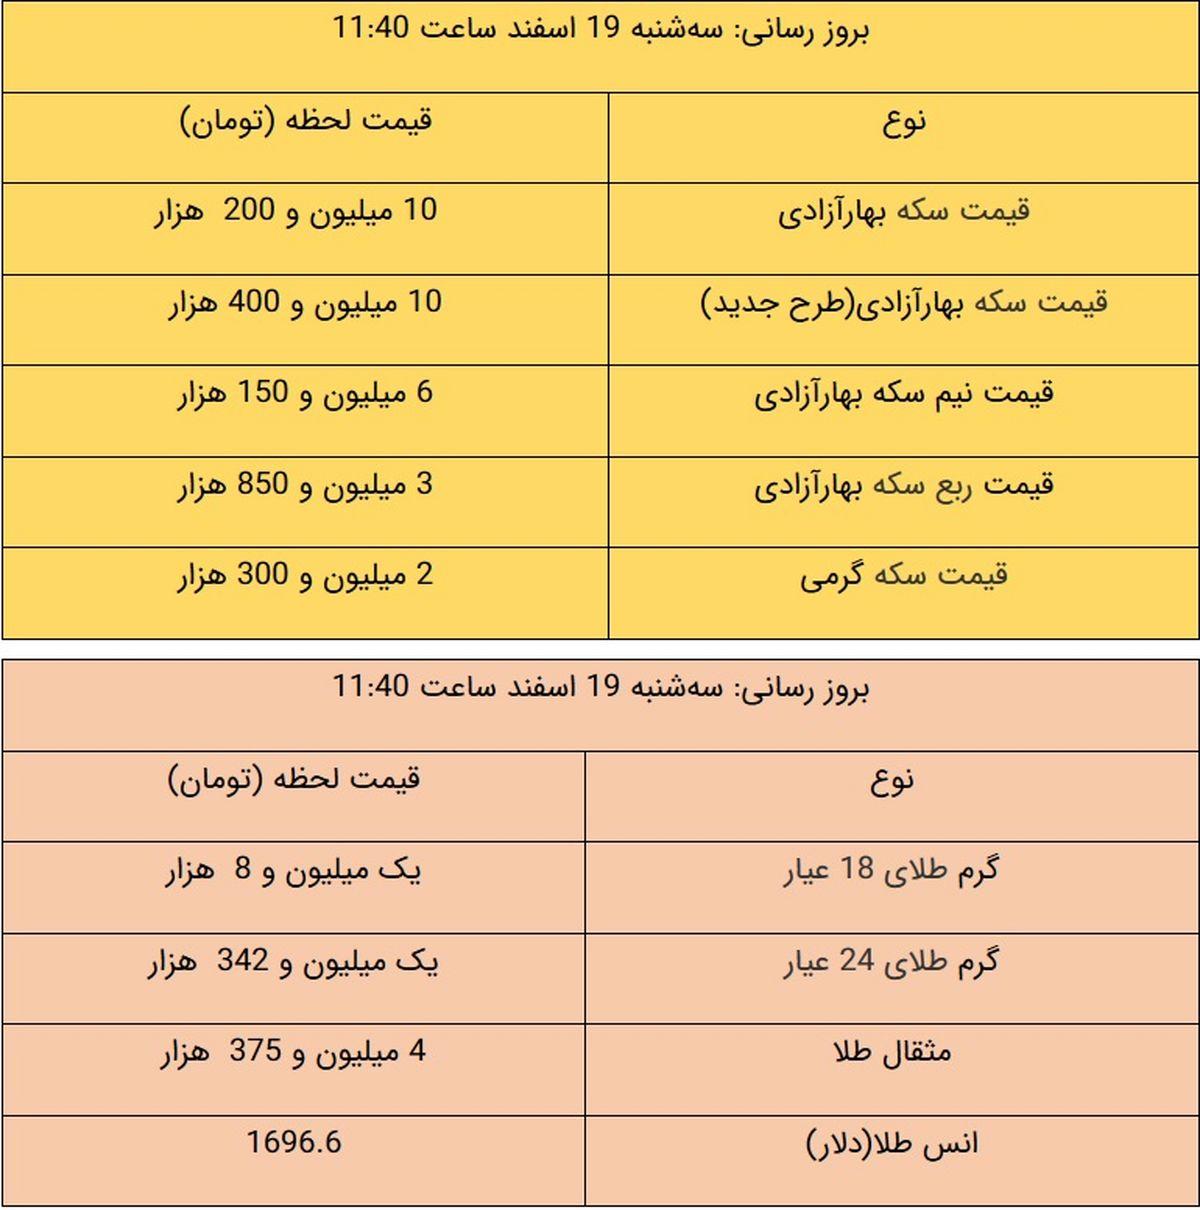 آخرین قیمت طلا و قیمت سکه، امروز ۱۹ اسفند ۹۹ + جدول